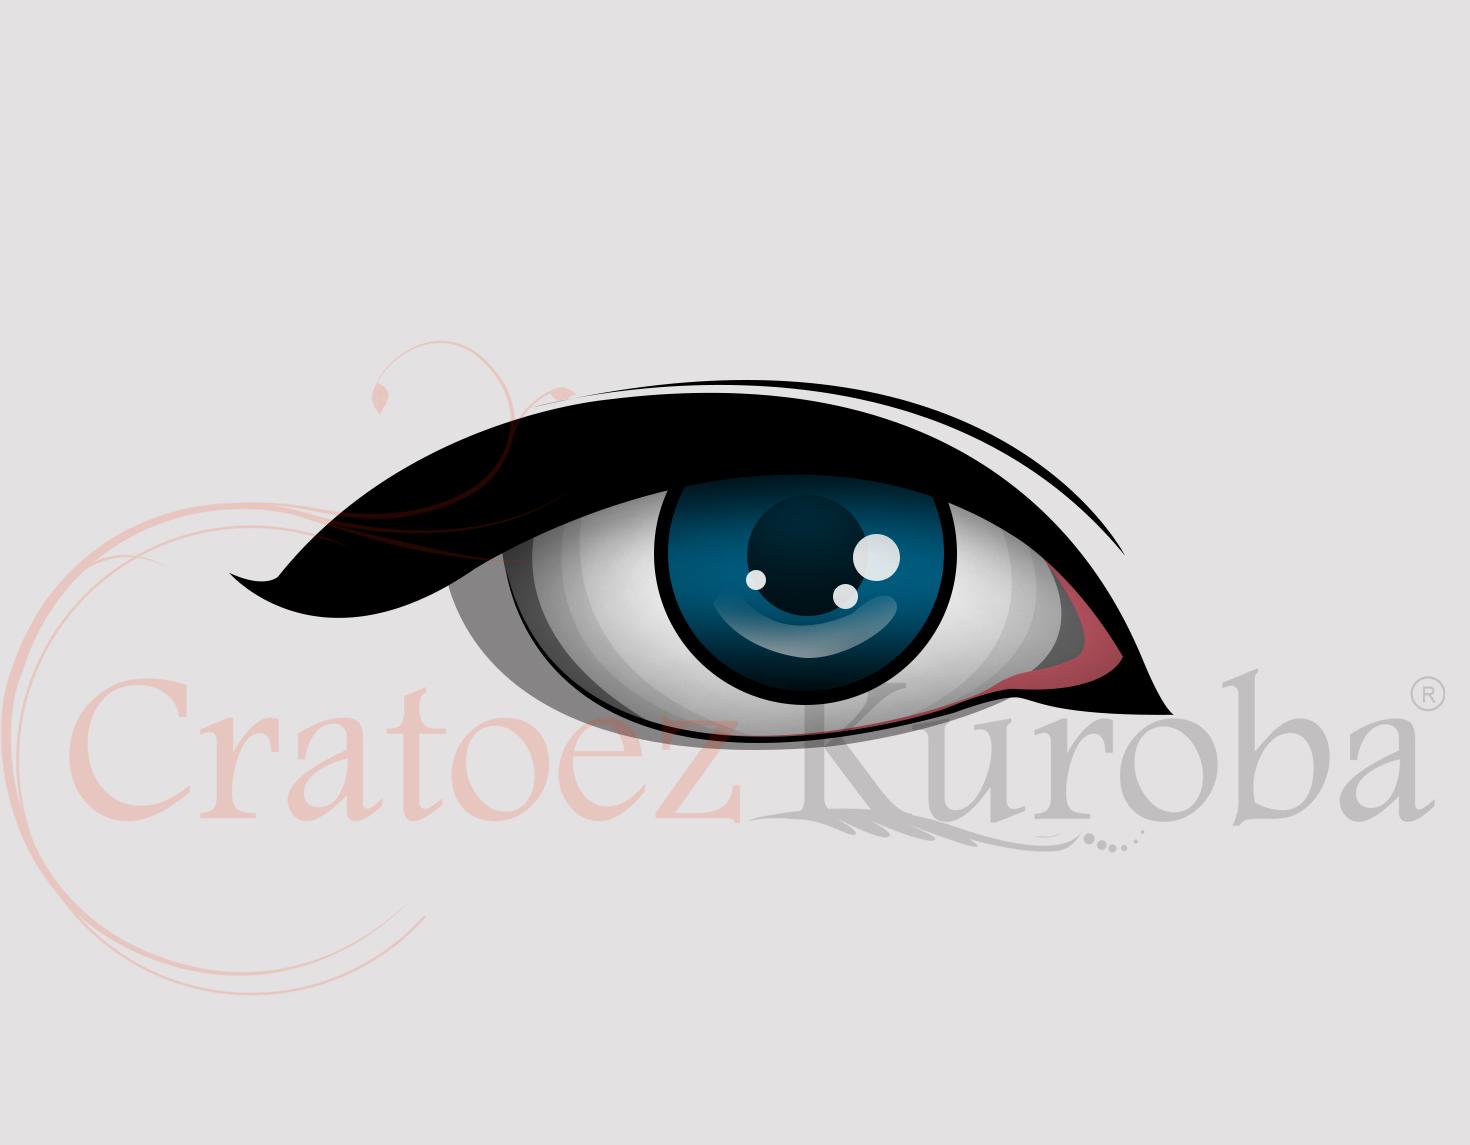 Tutorial membuat vektor kartun photoshop part 2 coloring and shading - Membuat Vector Mata